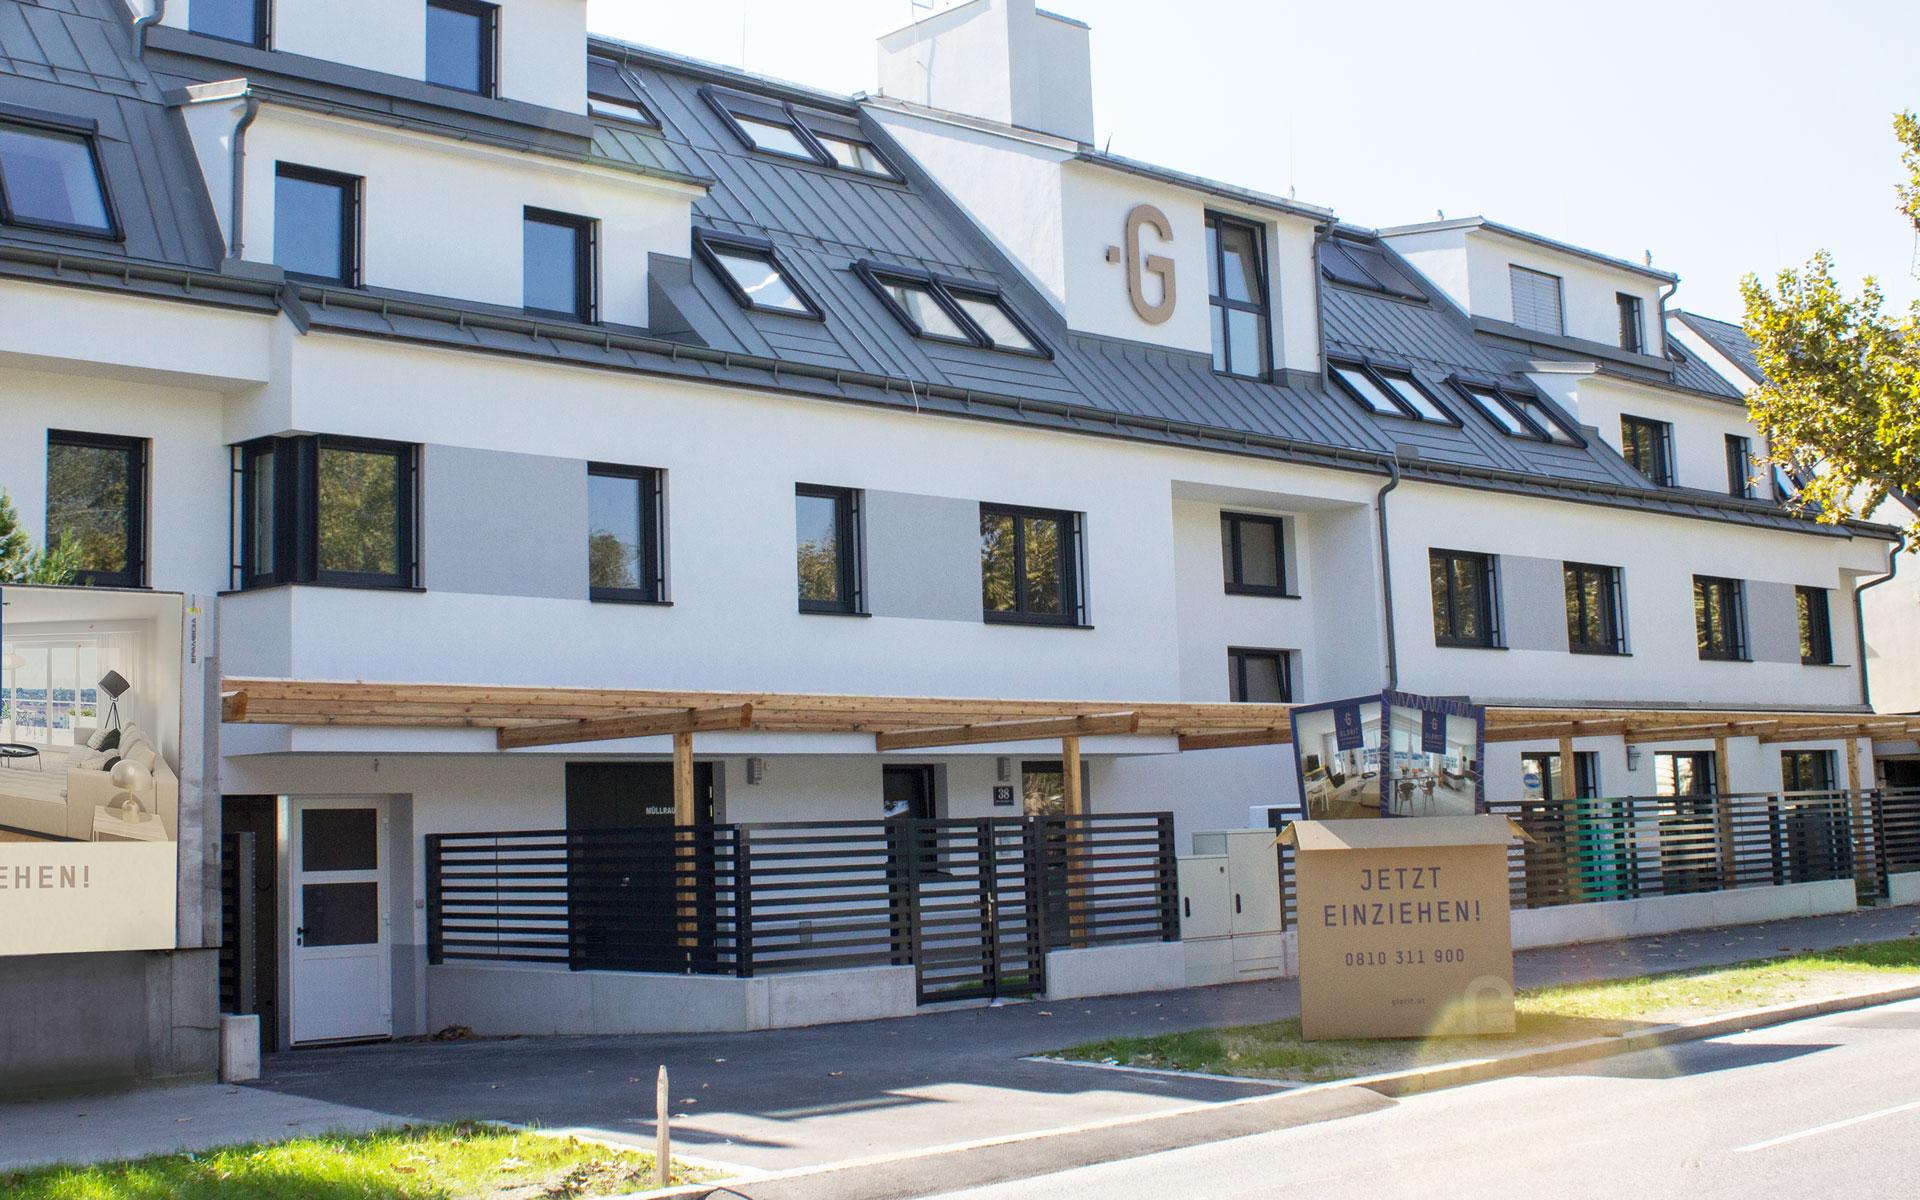 Bauprojekt von Steirisches Handwerk